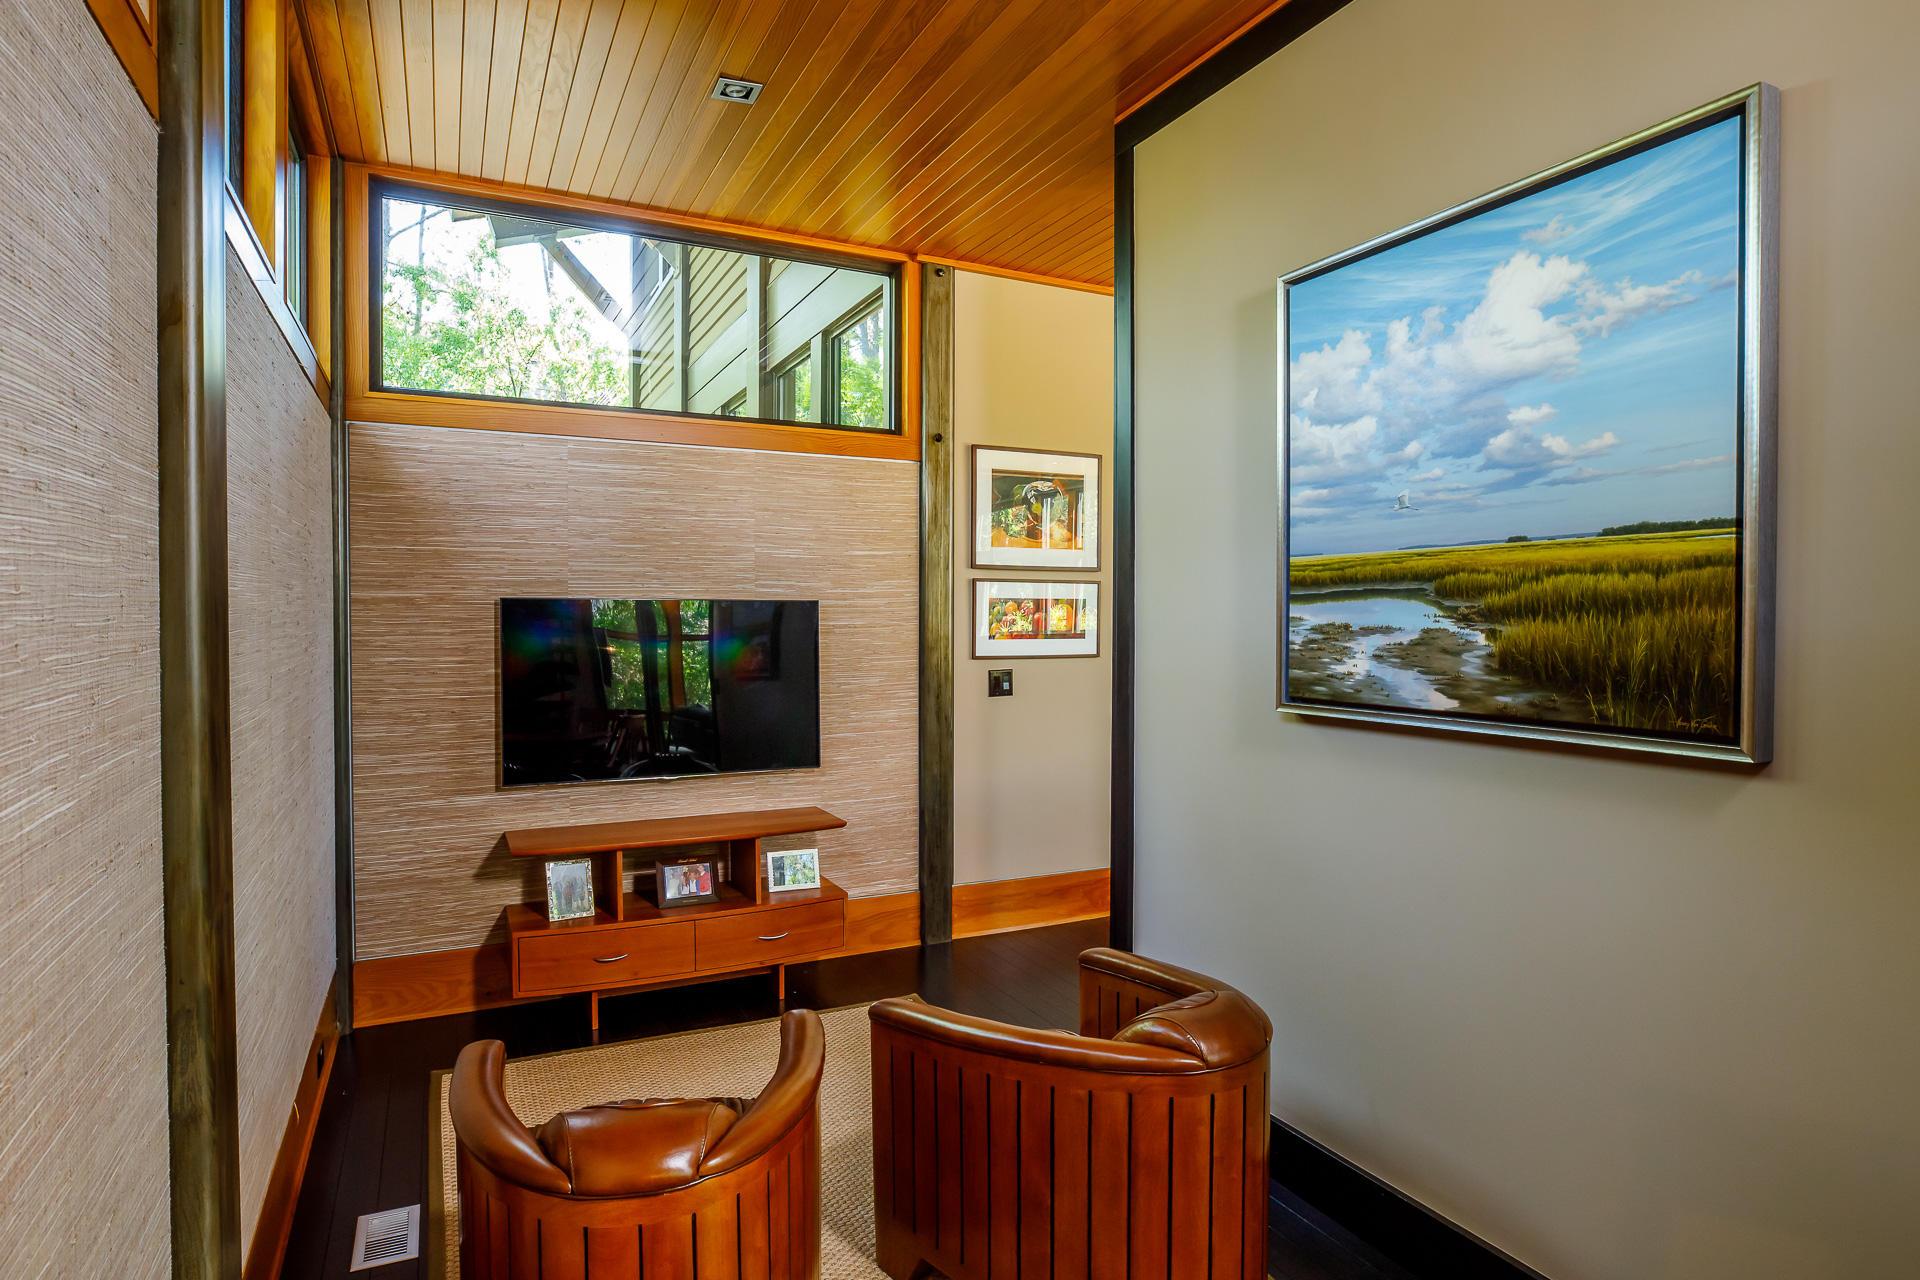 Kiawah Island Homes For Sale - 102 Blue Heron Pond, Kiawah Island, SC - 37